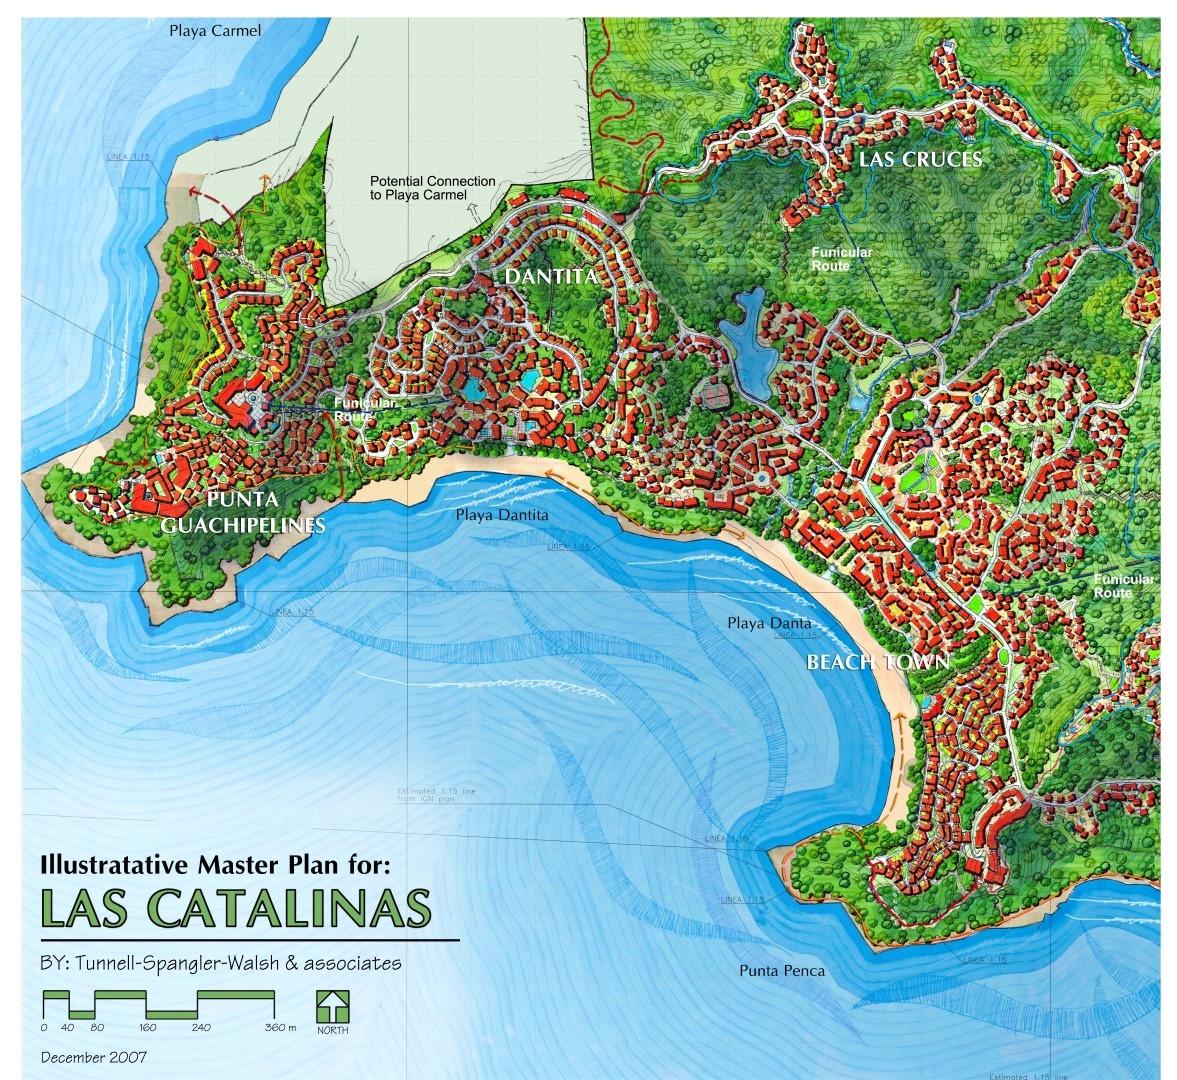 Las Catalinas